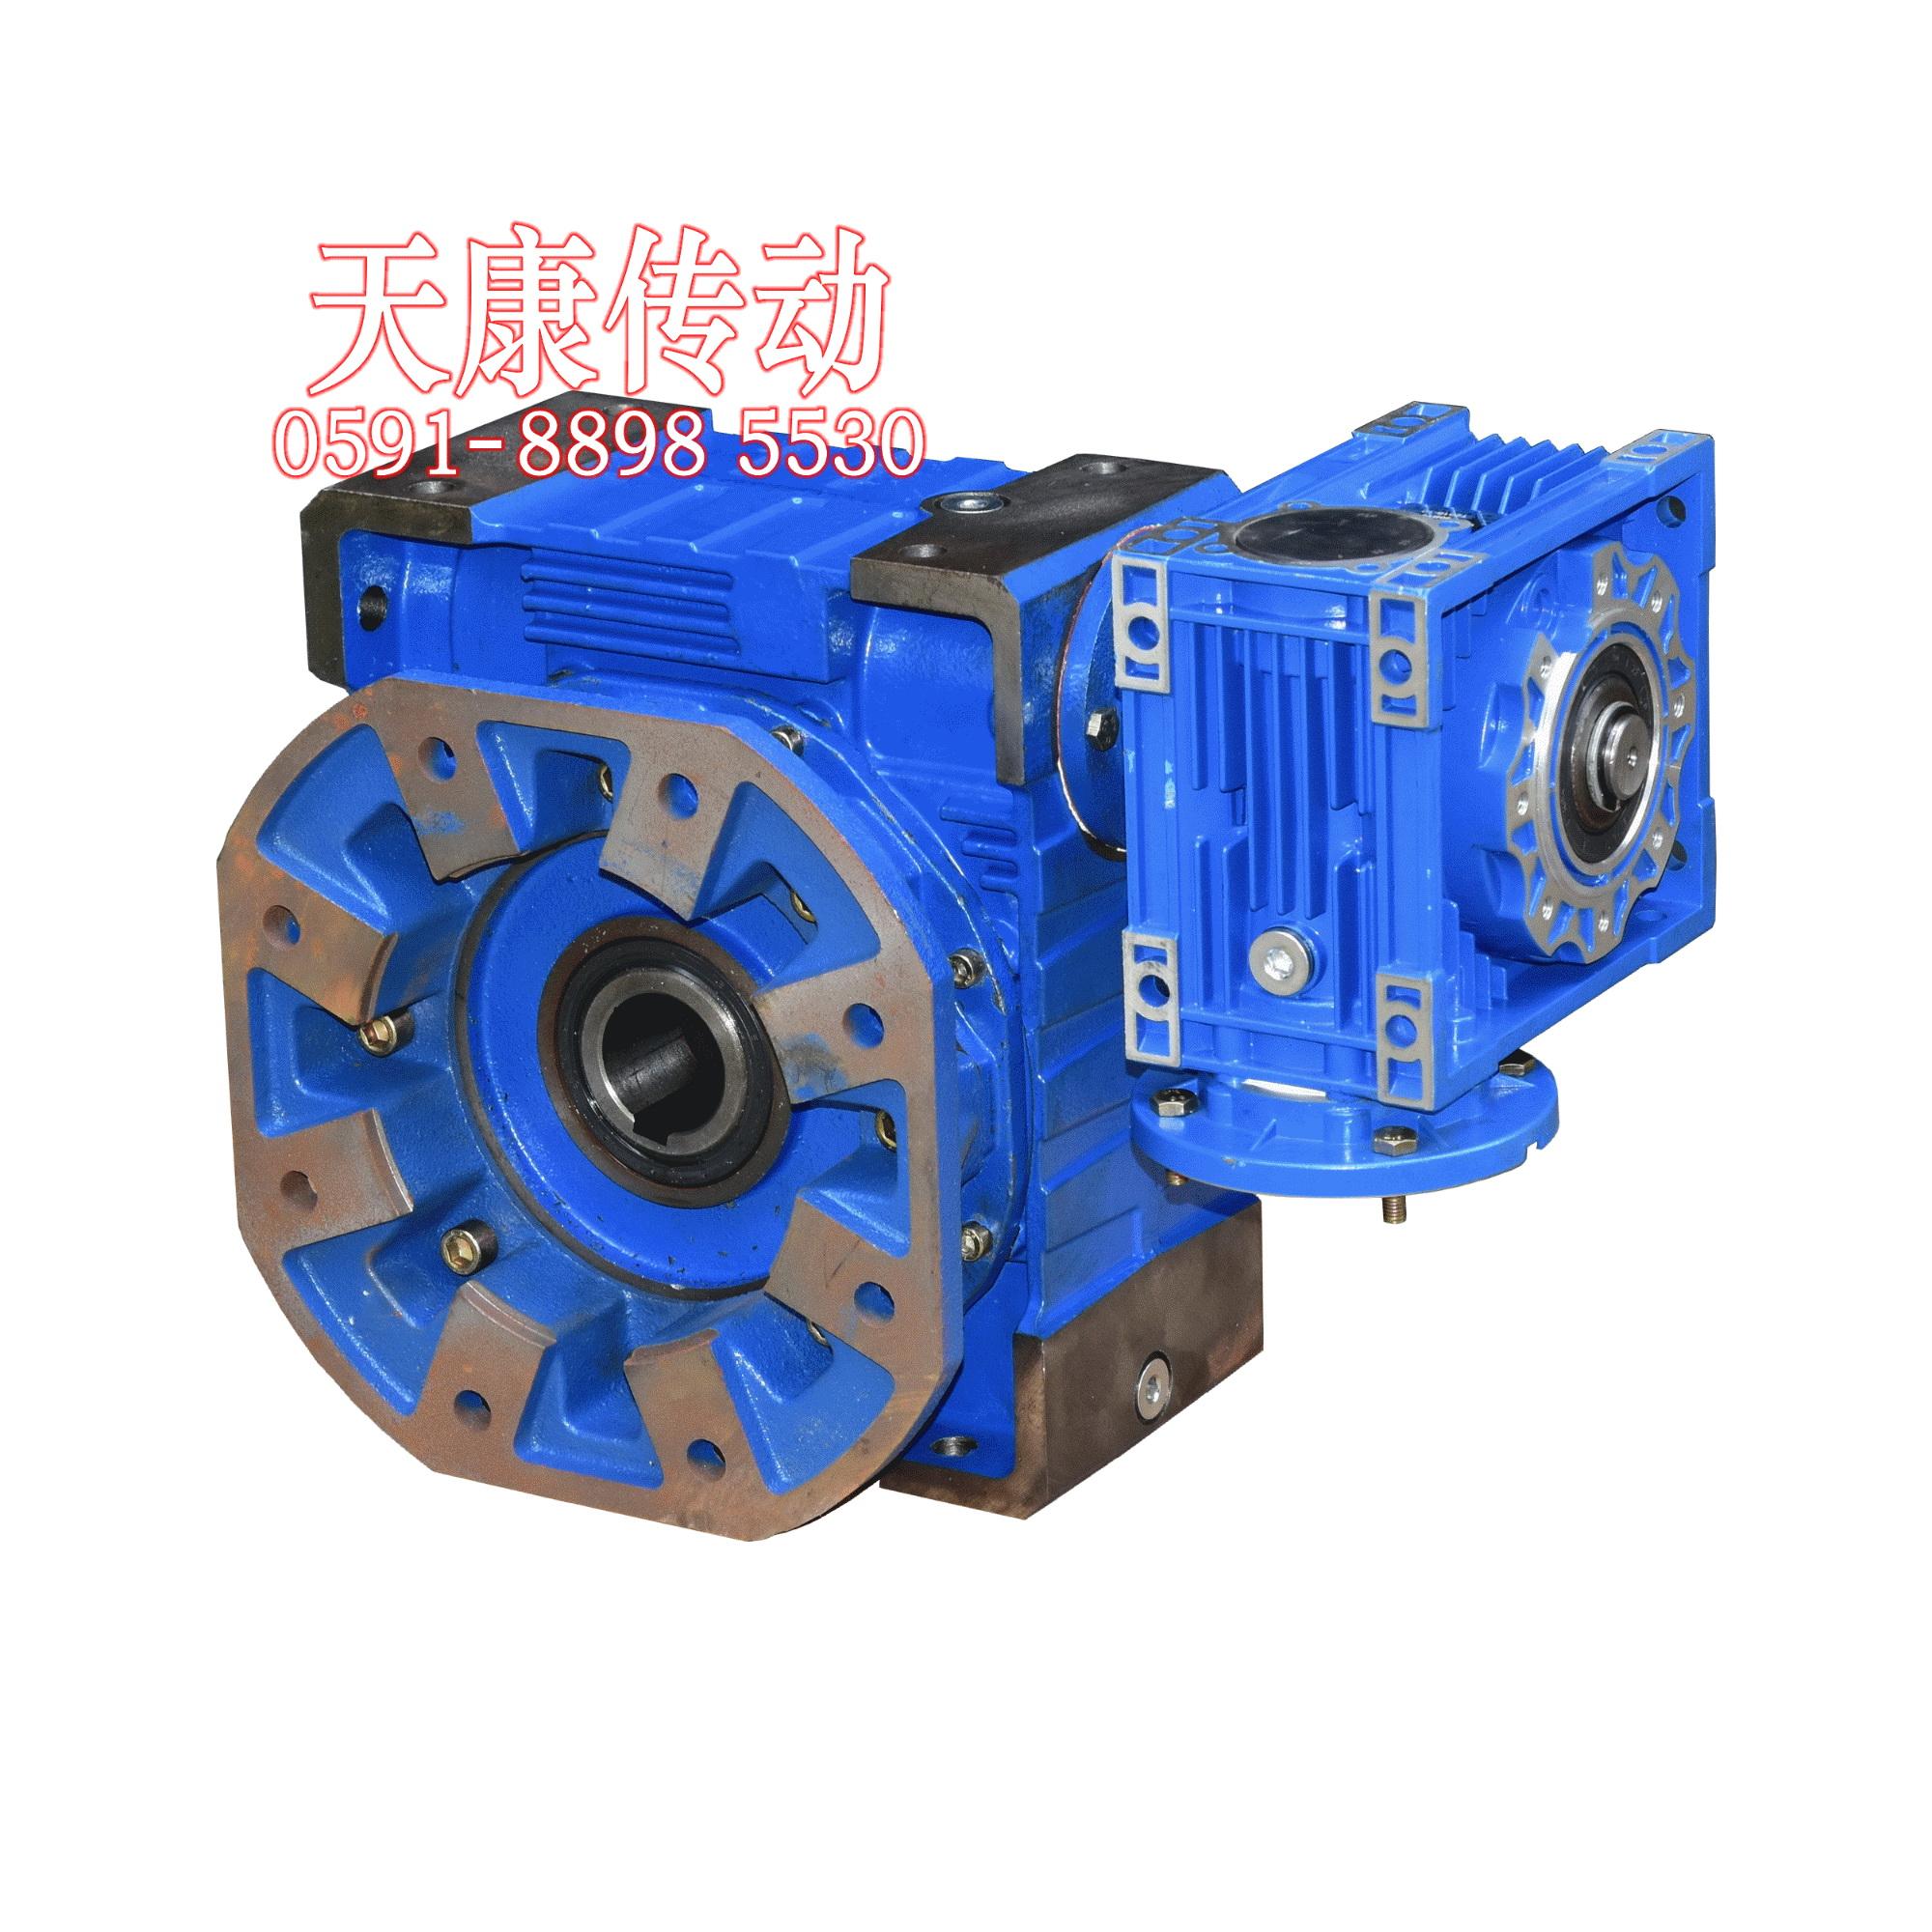 雙級蝸輪蝸桿減速機